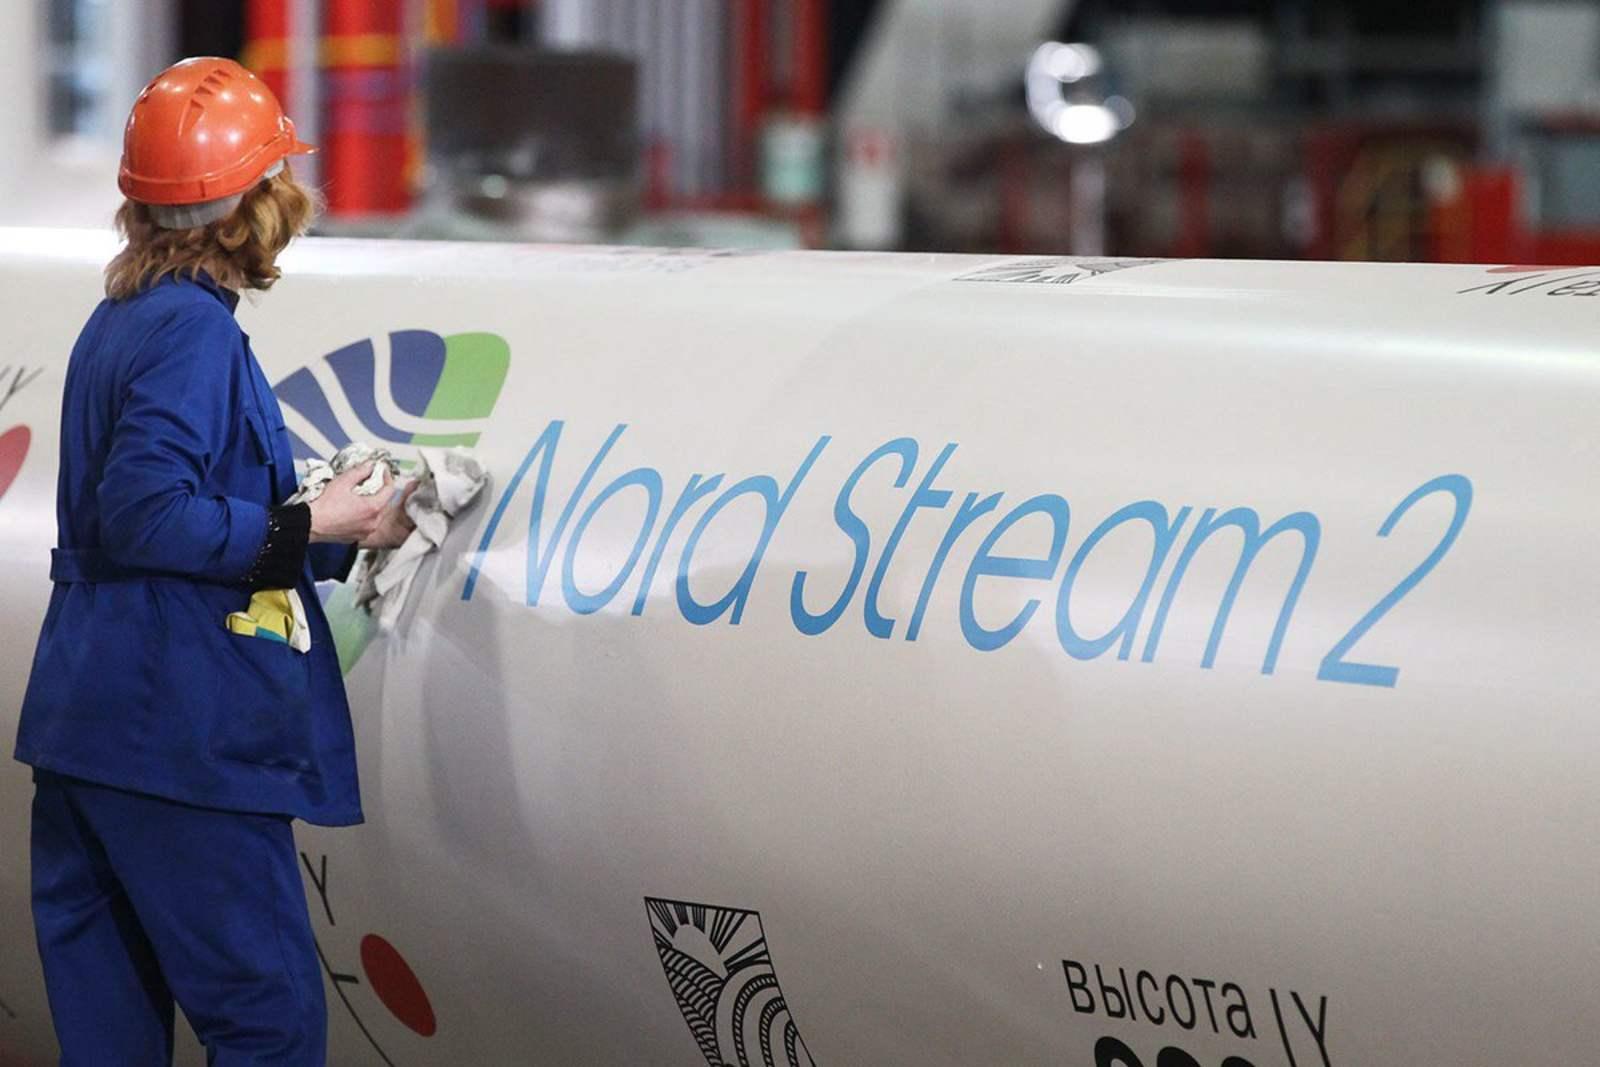 Nord Stream 2 pipeline @mfa_russia